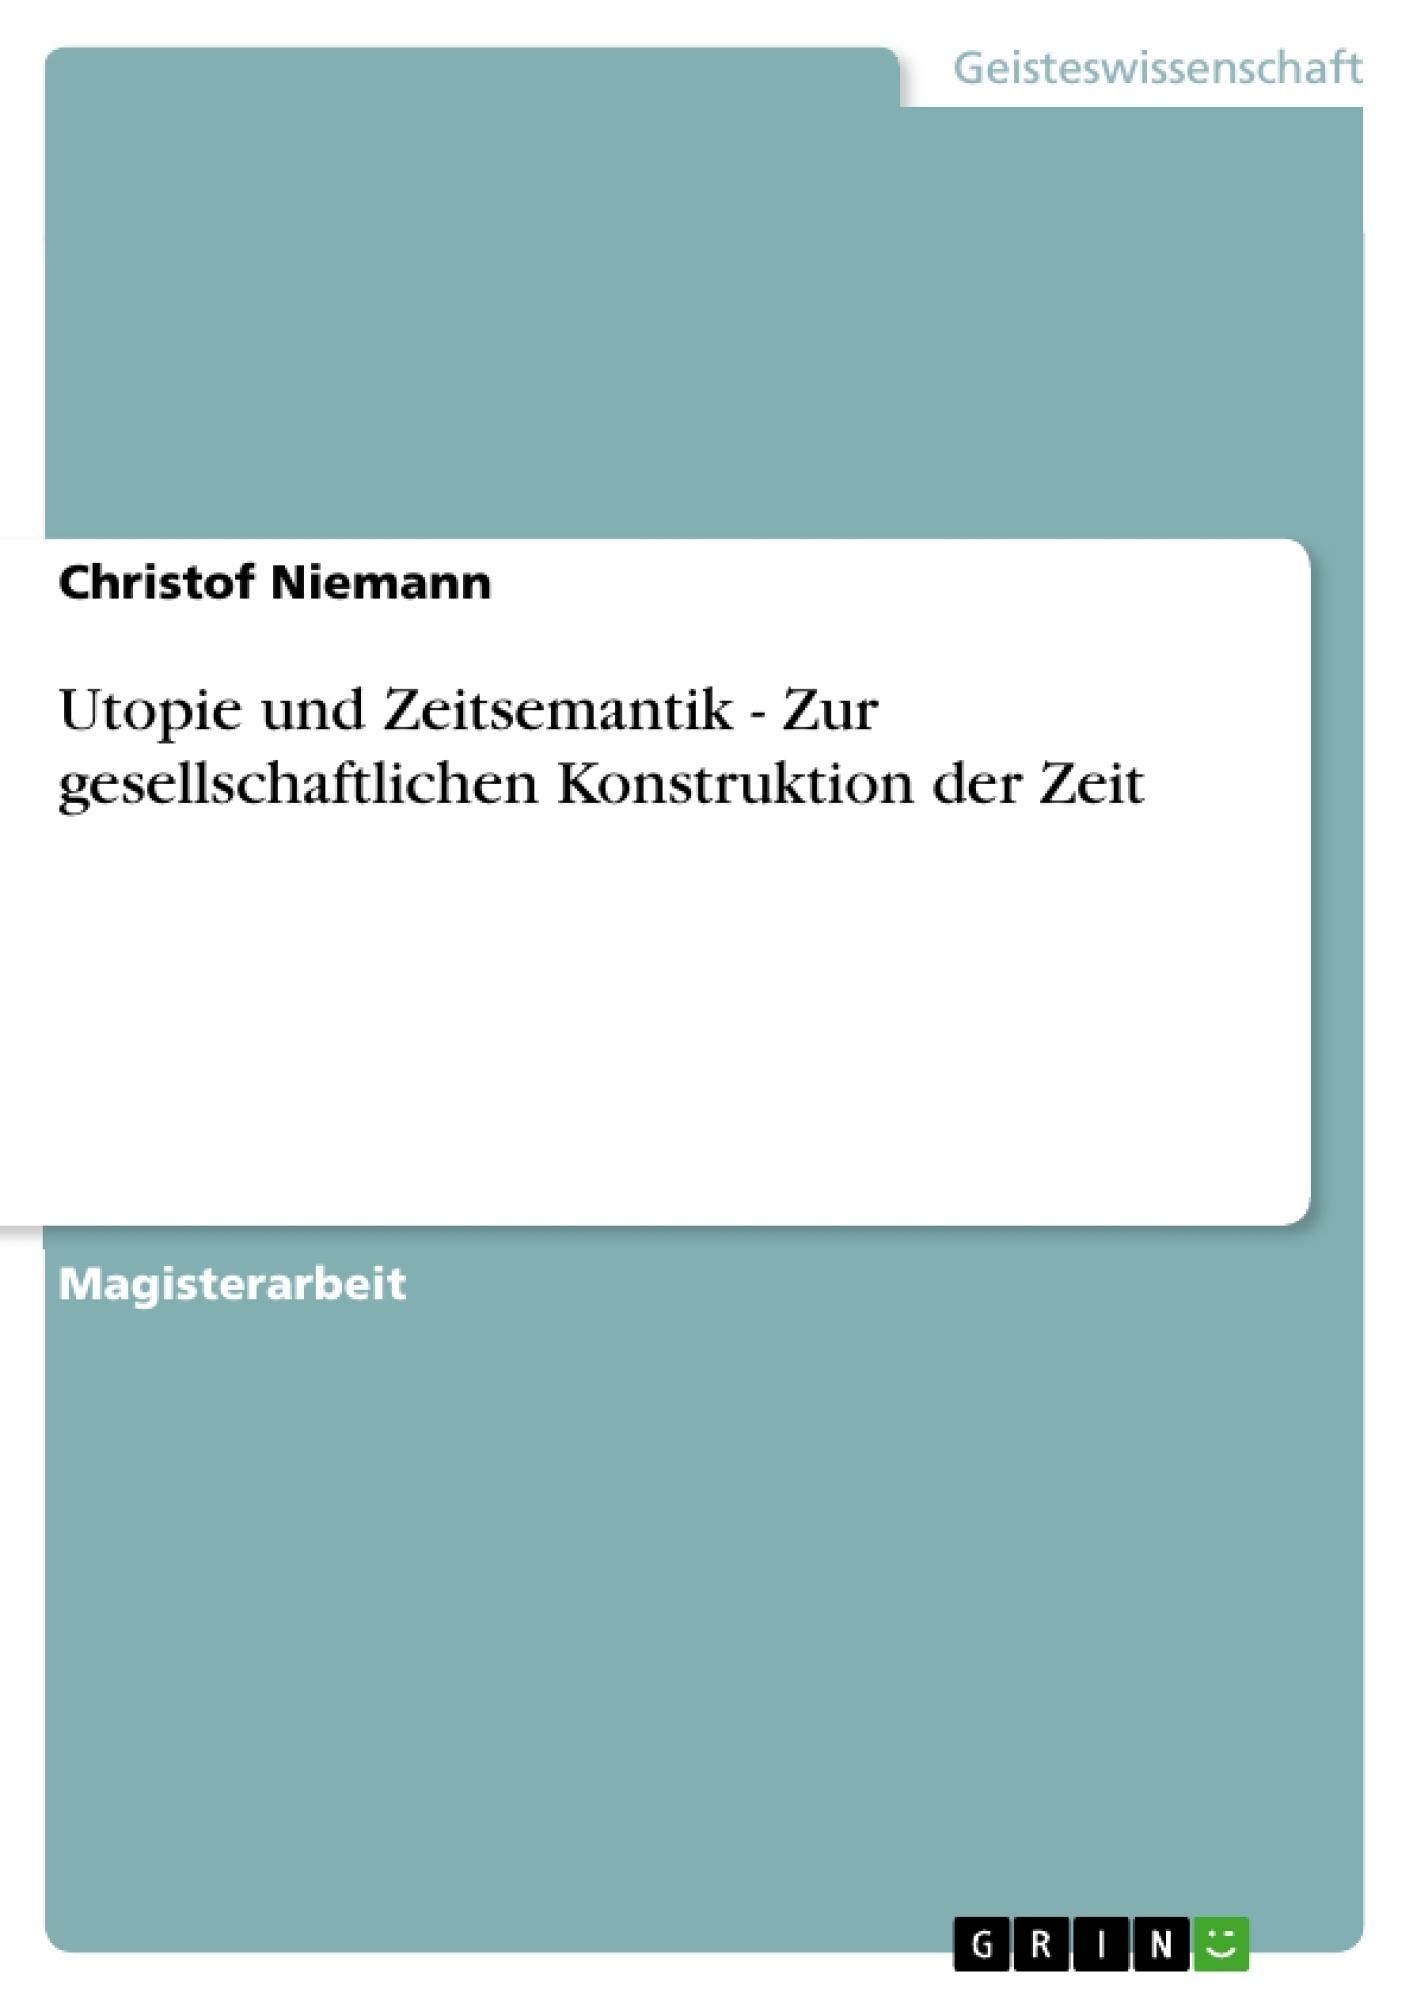 Titel: Utopie und Zeitsemantik - Zur gesellschaftlichen Konstruktion der Zeit